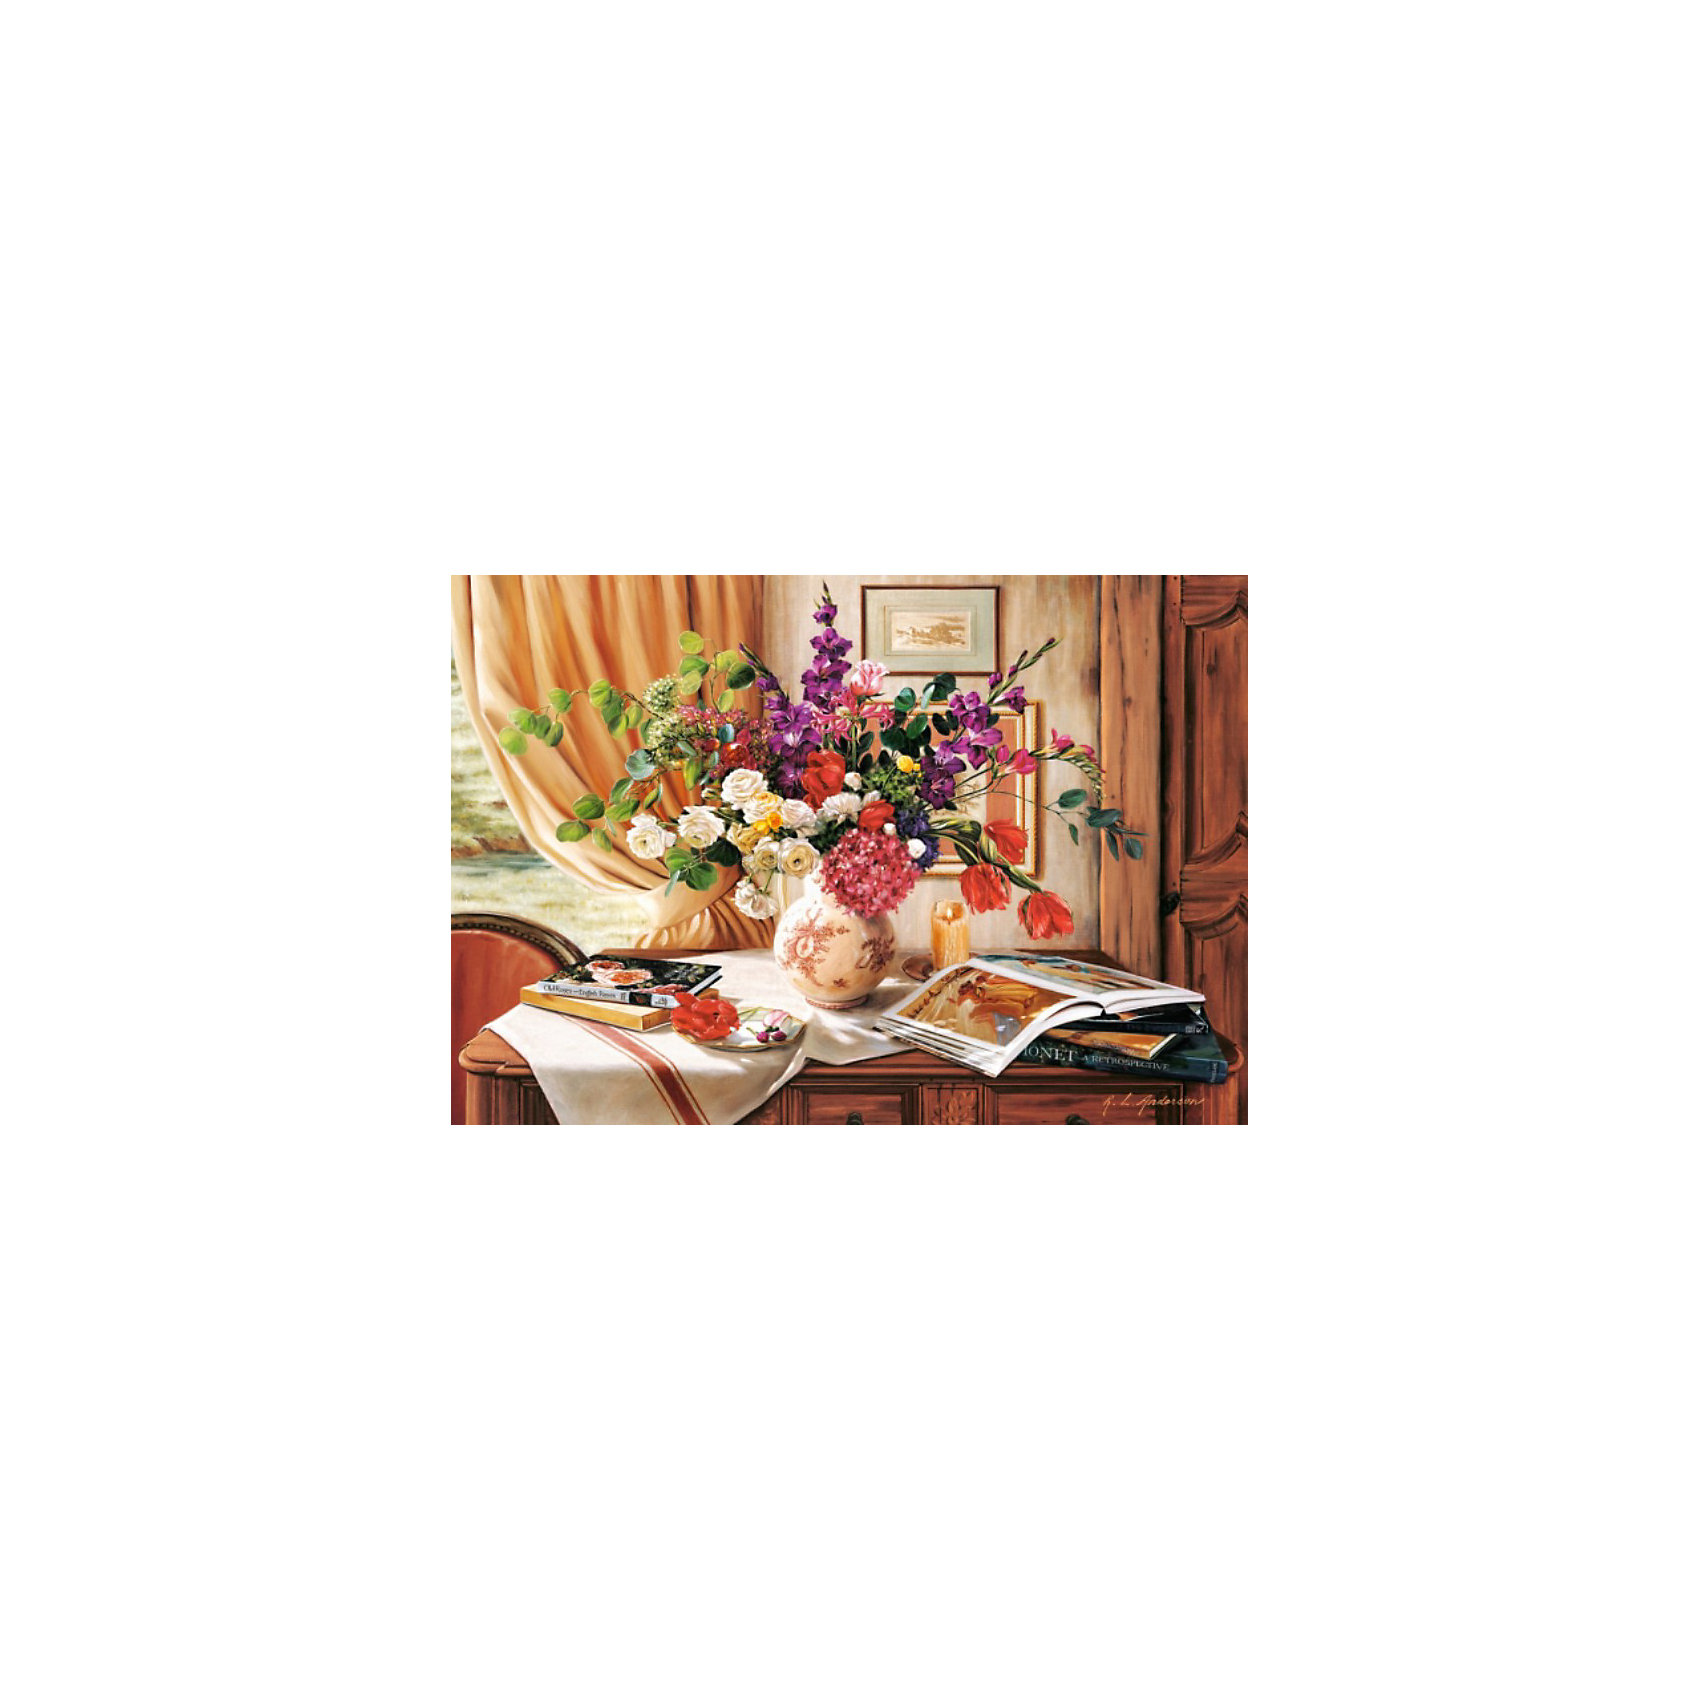 Castorland Пазл Дневной свет, 1000 деталей , Castorland пазл для раскрашивания арт терапия царь зверей origami 360 деталей